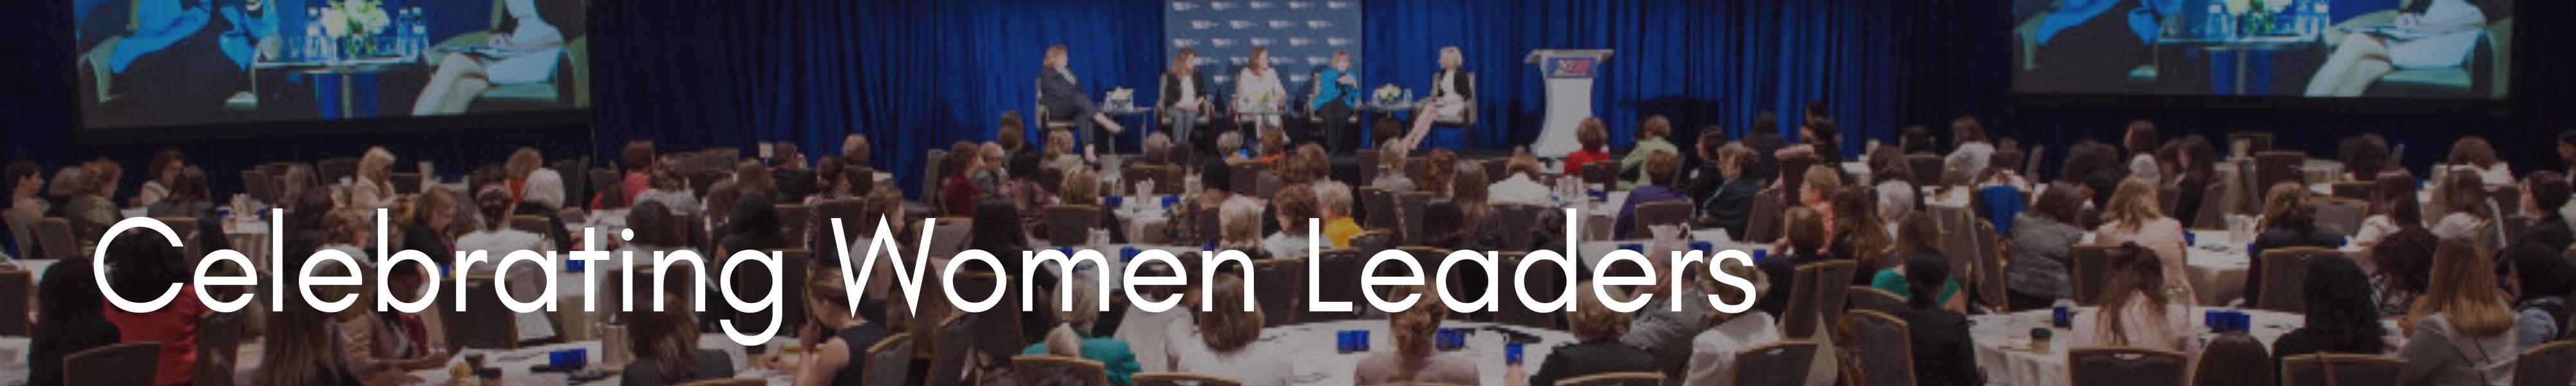 Celebrating Women Leaders Banner